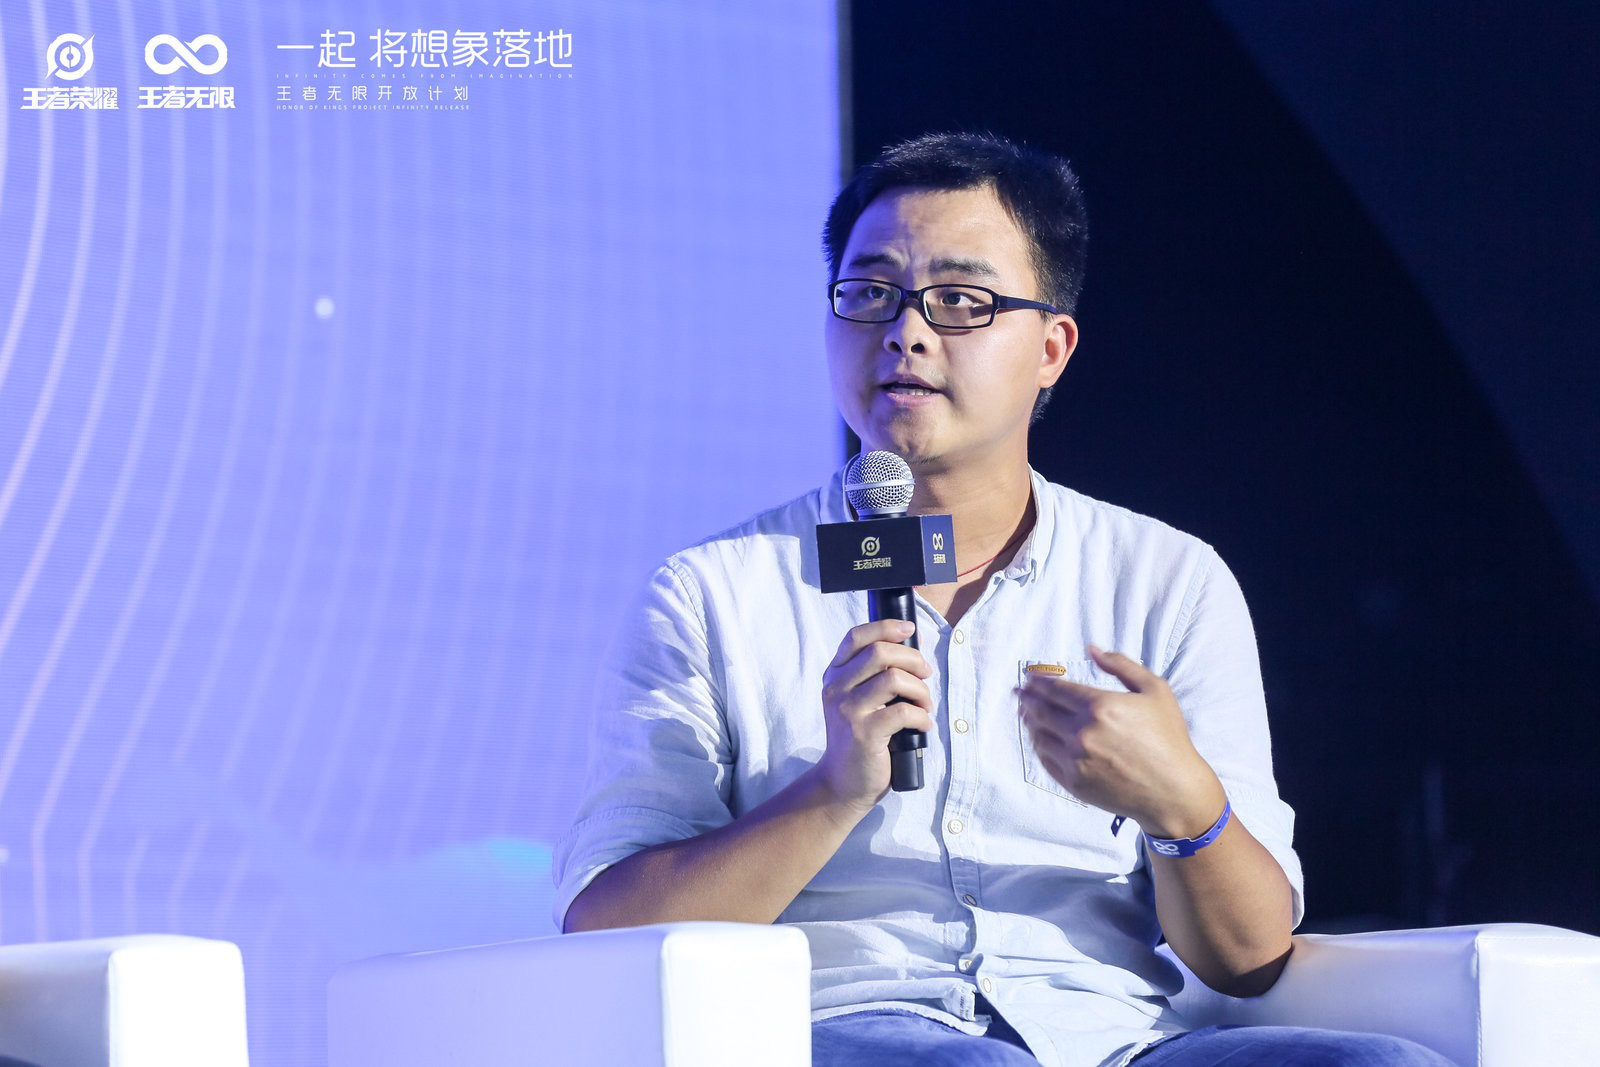 """王者荣耀公布""""无限开放计划"""":探索游戏边界,共享荣耀"""